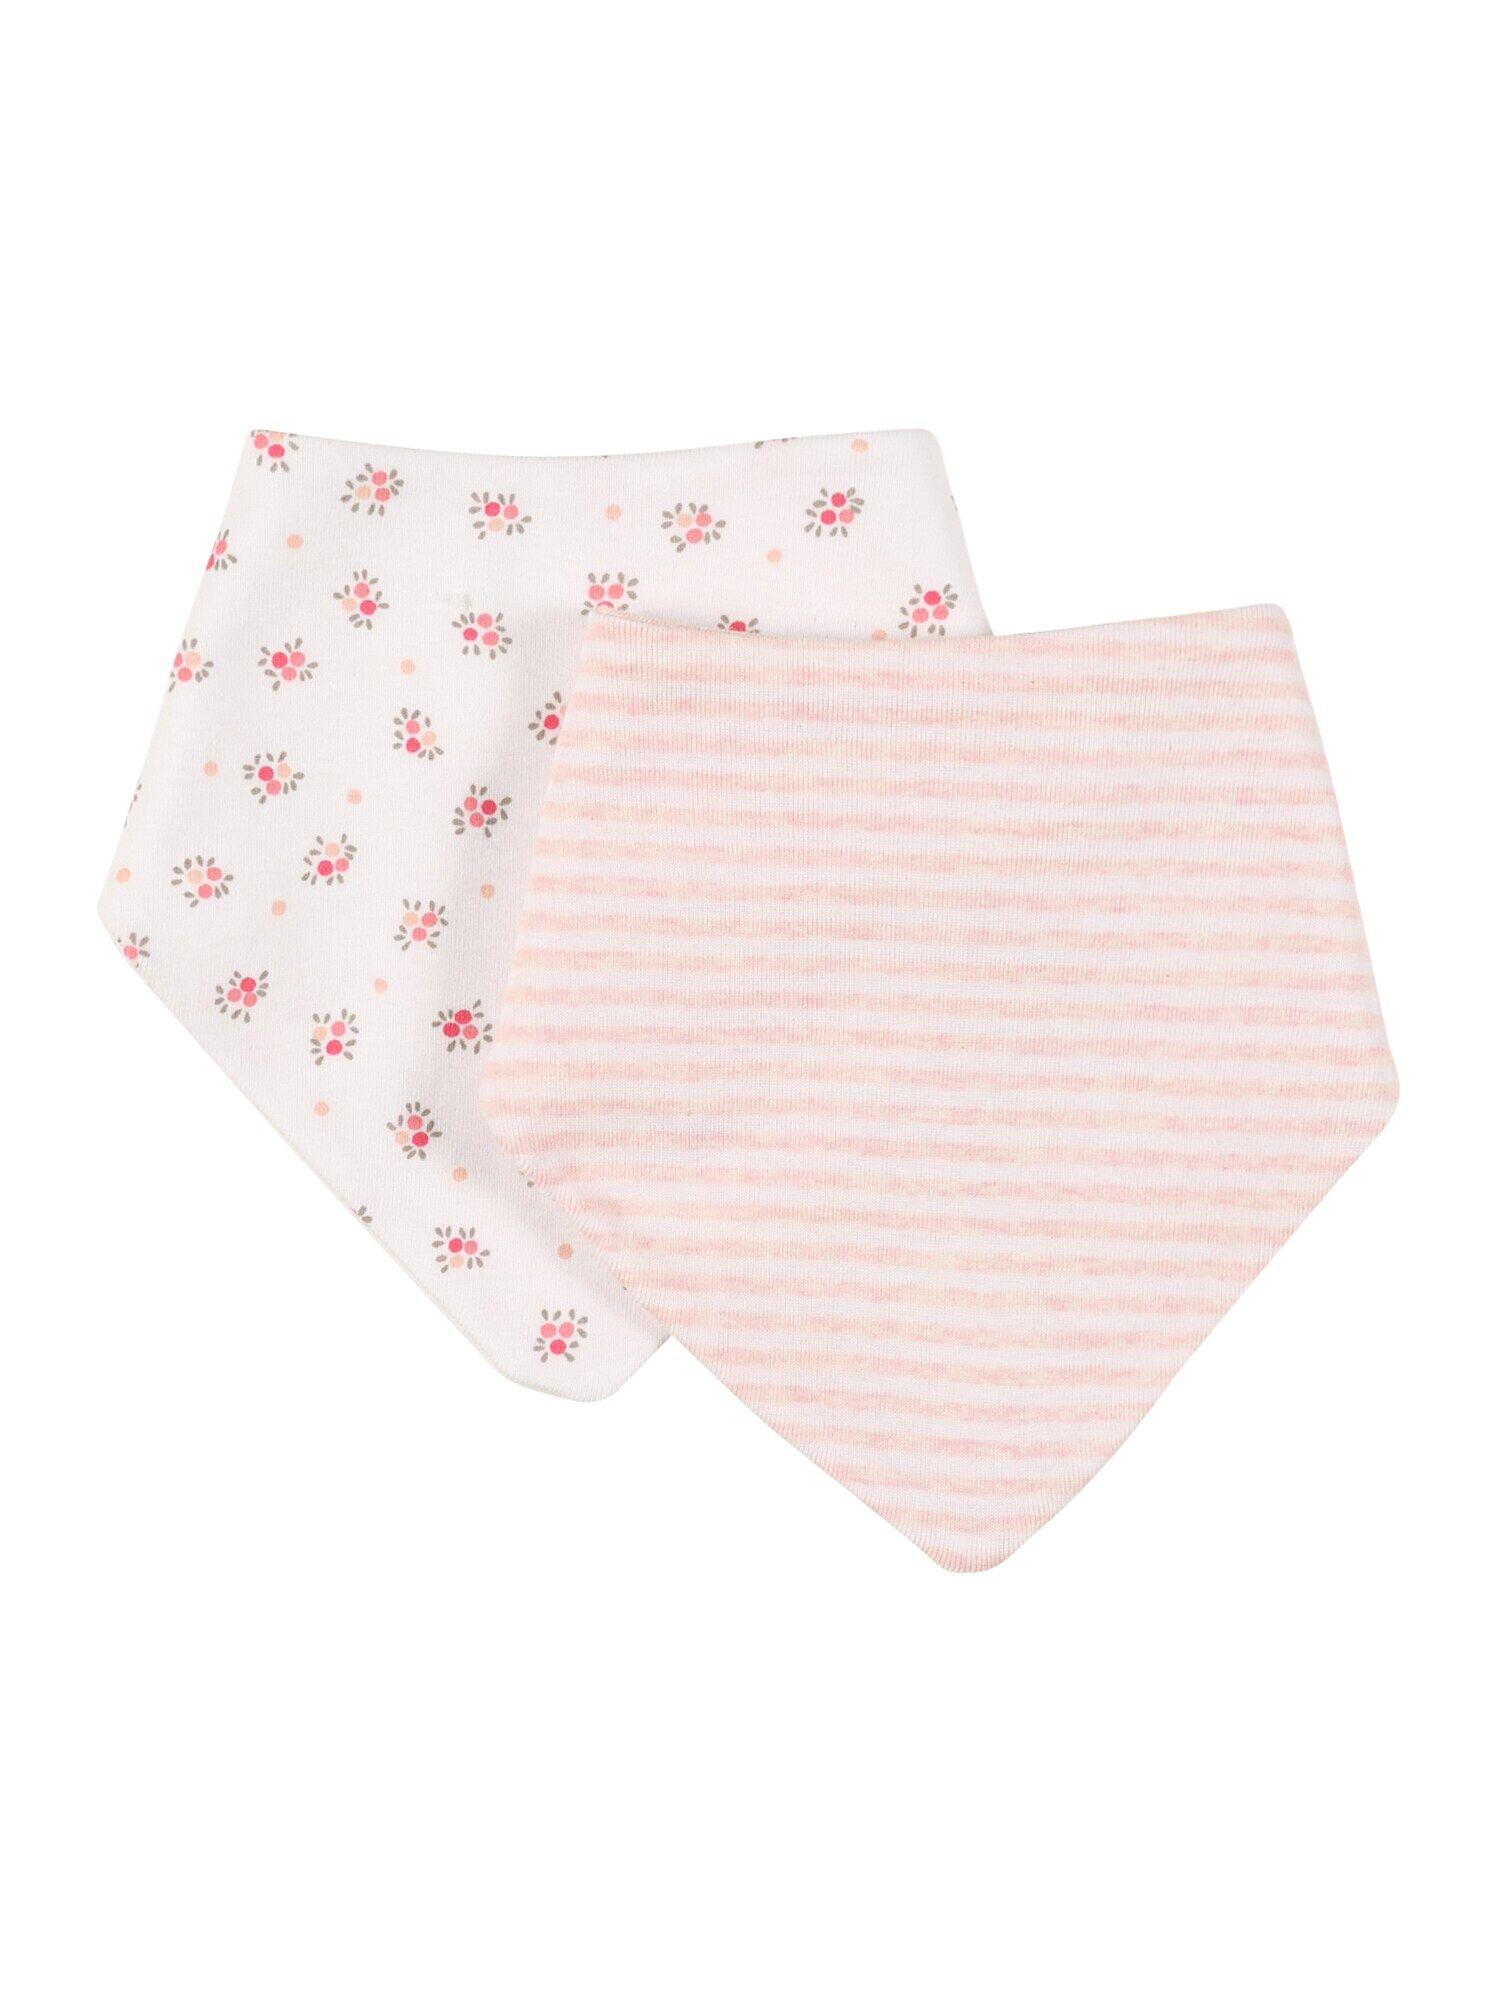 GAP Masque en tissu  - Rose - Taille: One Size - boy